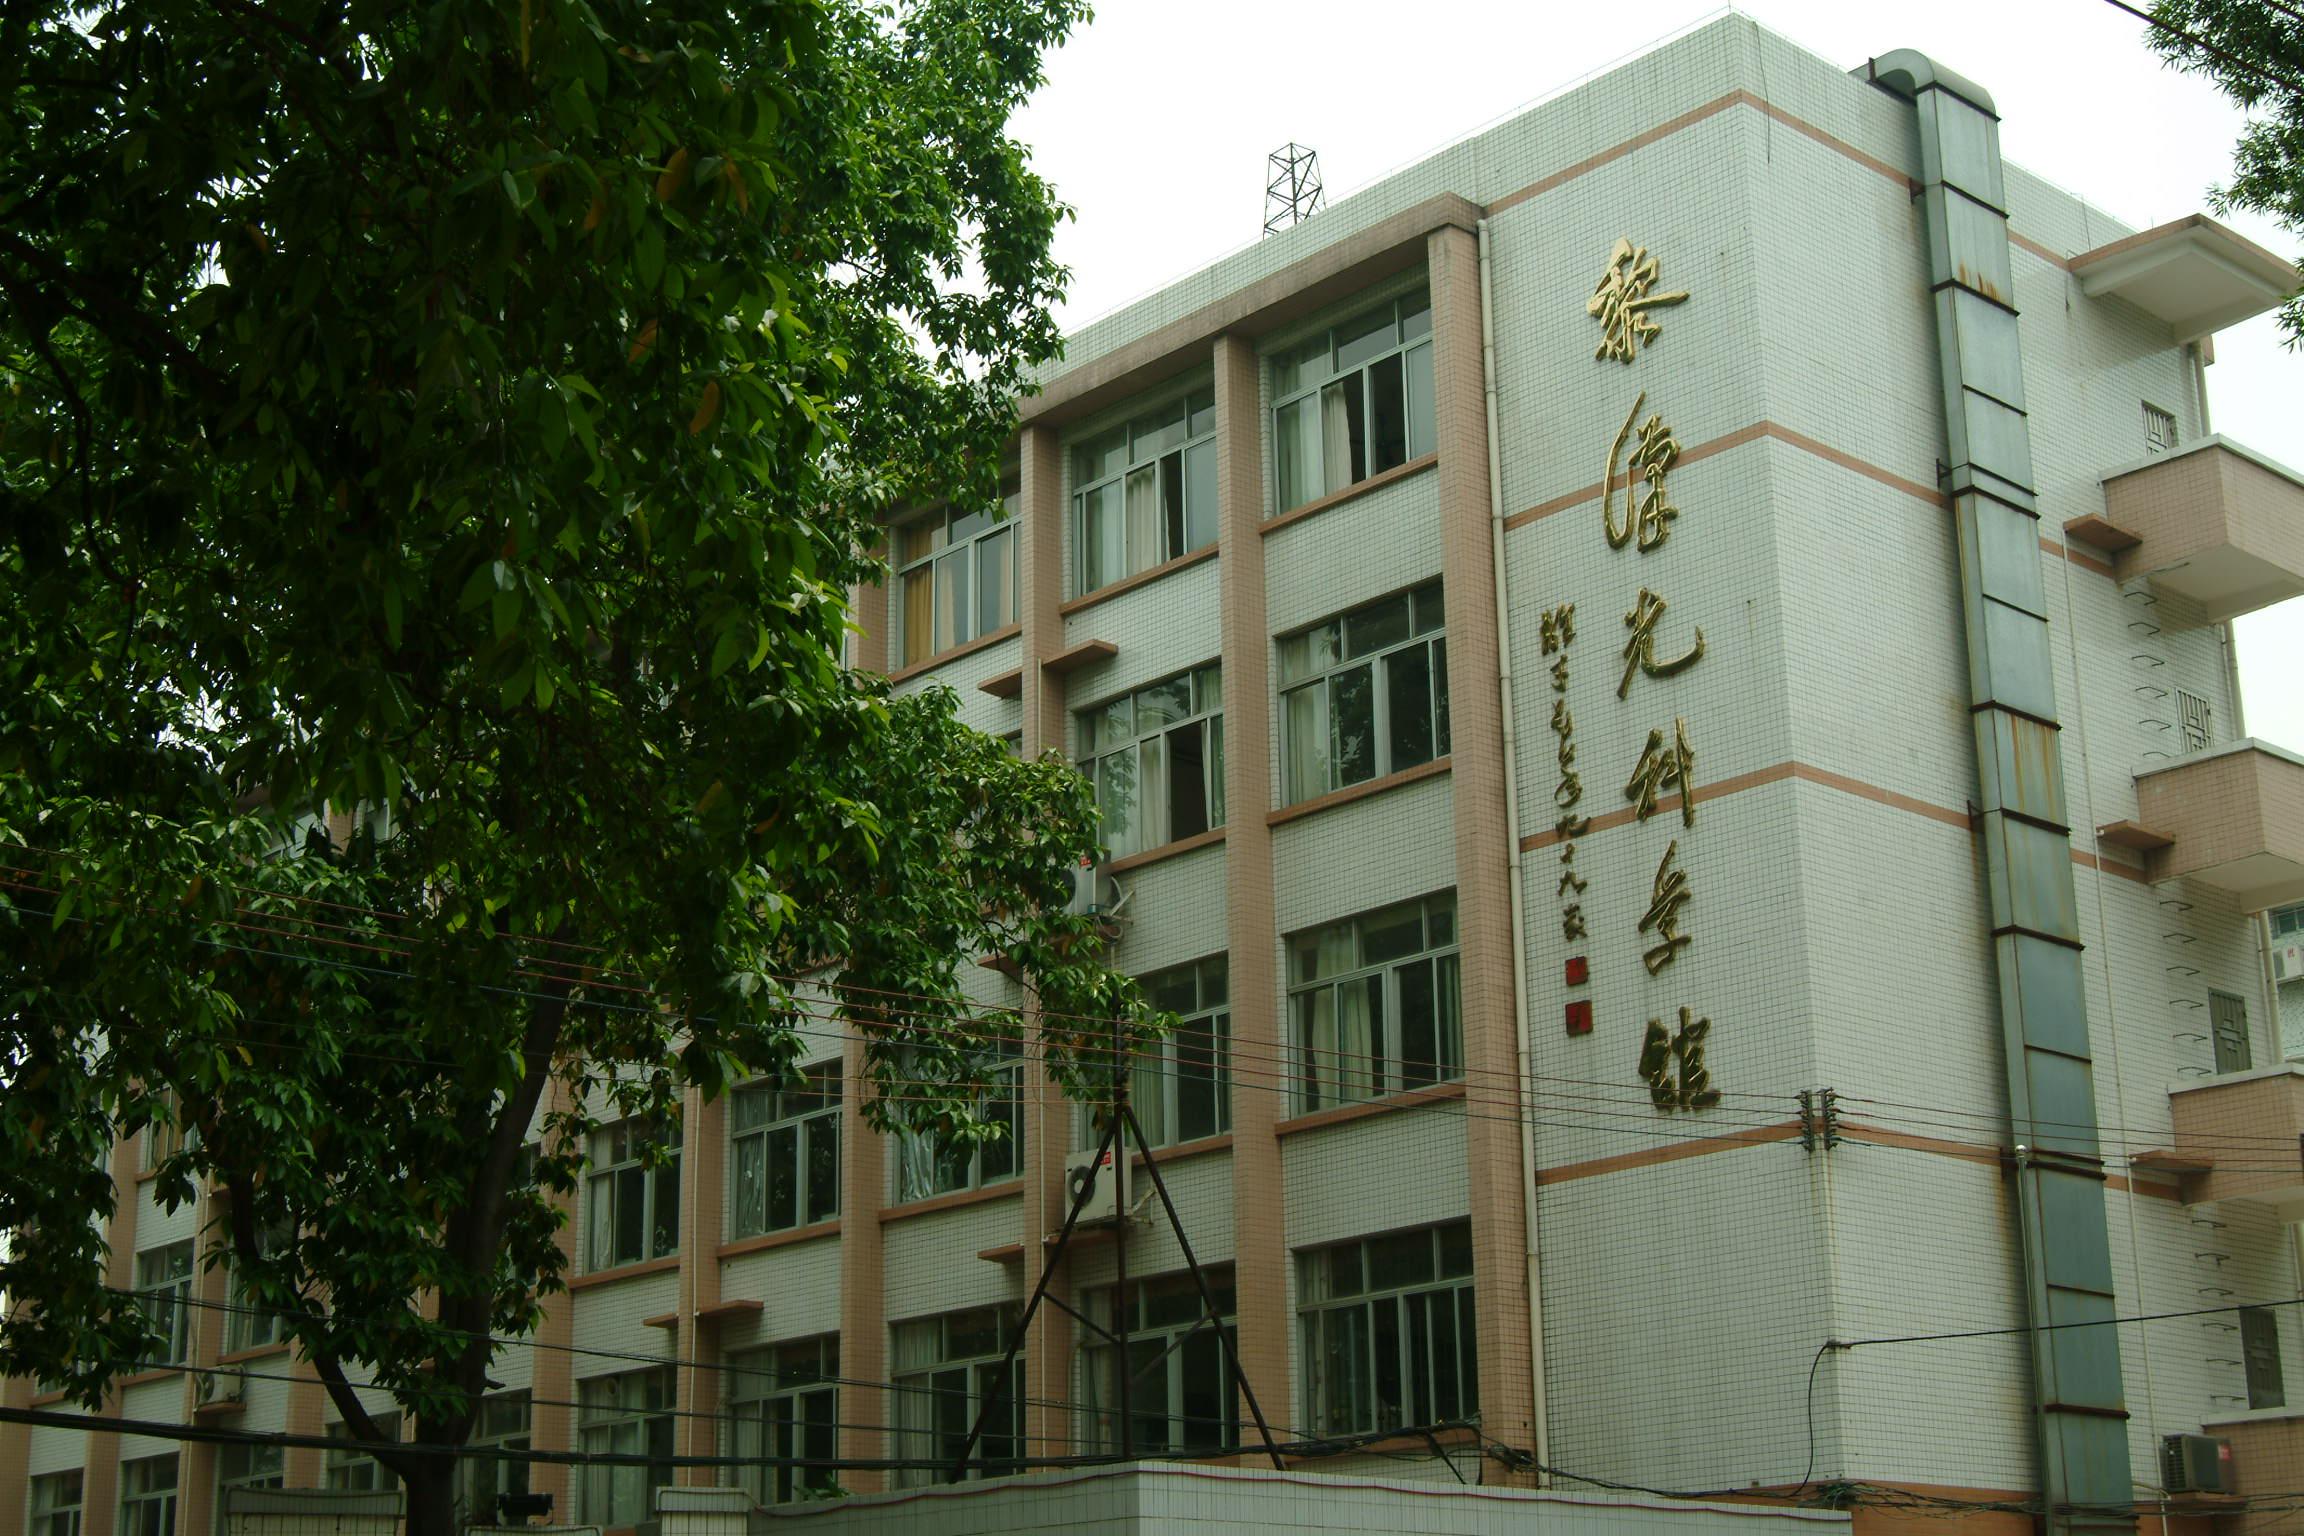 2018年广东省高考体育类院校招生学校名单和排名(汇总)